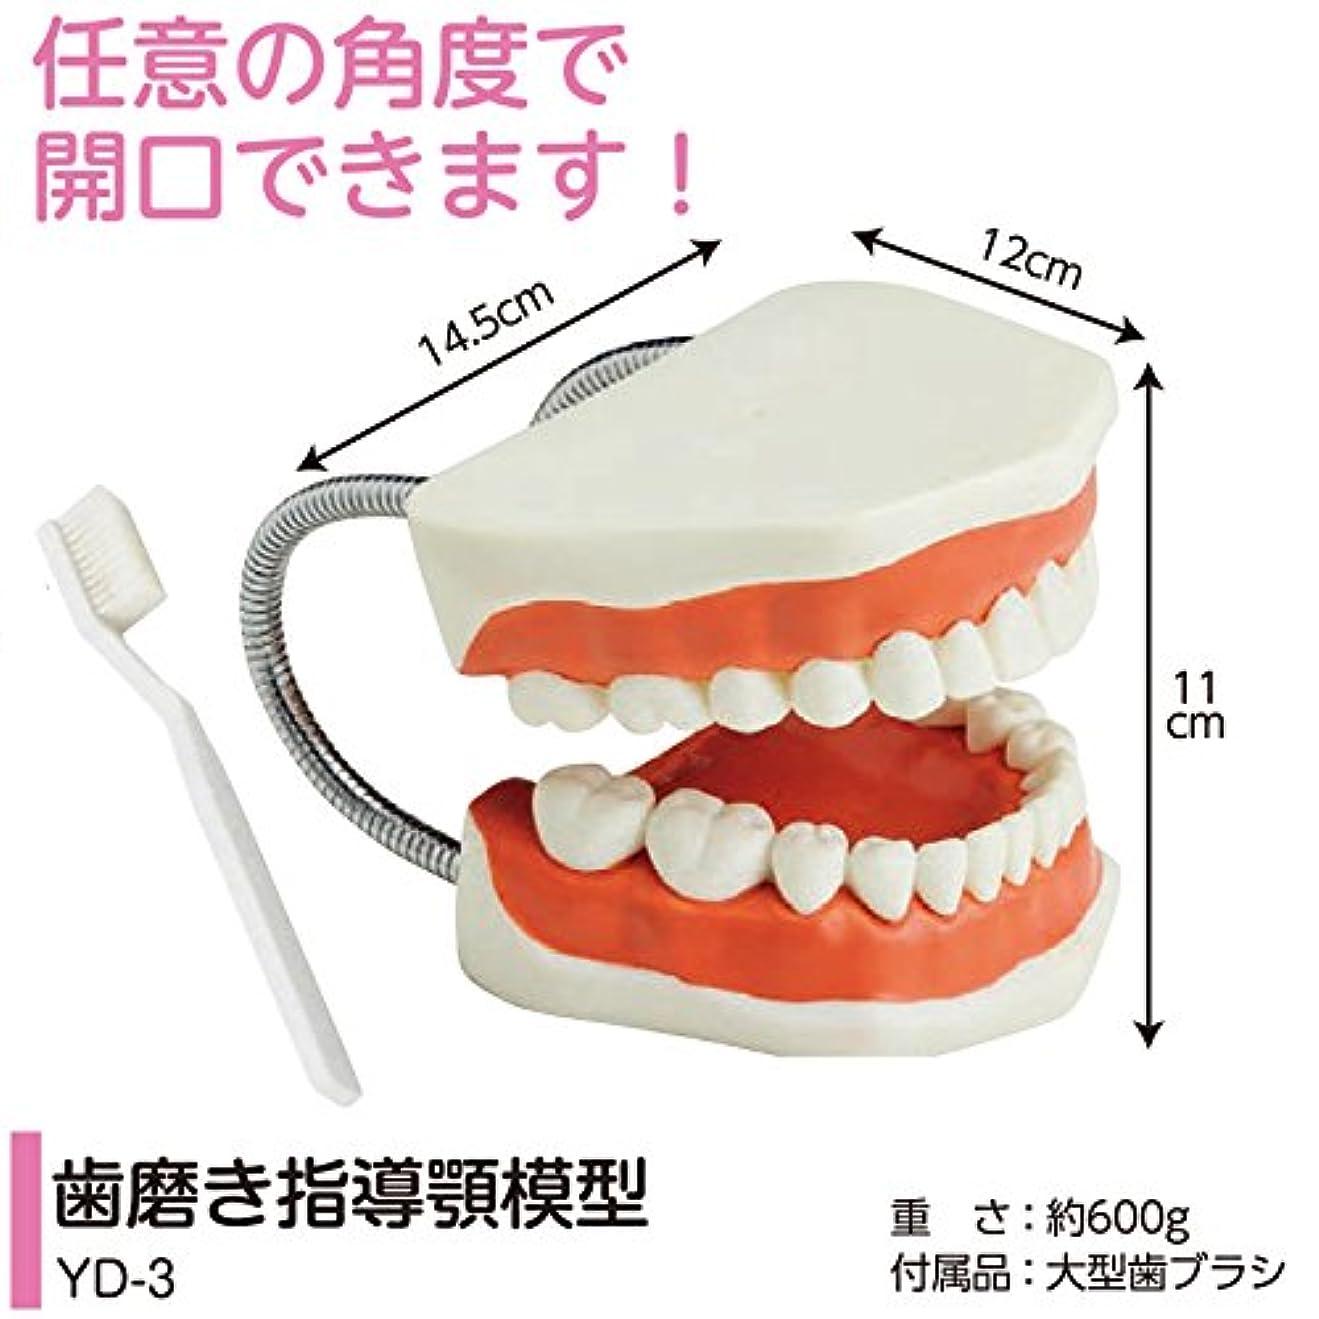 予防接種懇願する水銀の歯磨き指導用 顎模型 YD-3(歯ブラシ付) 軽くて持ちやすい歯みがき指導顎模型